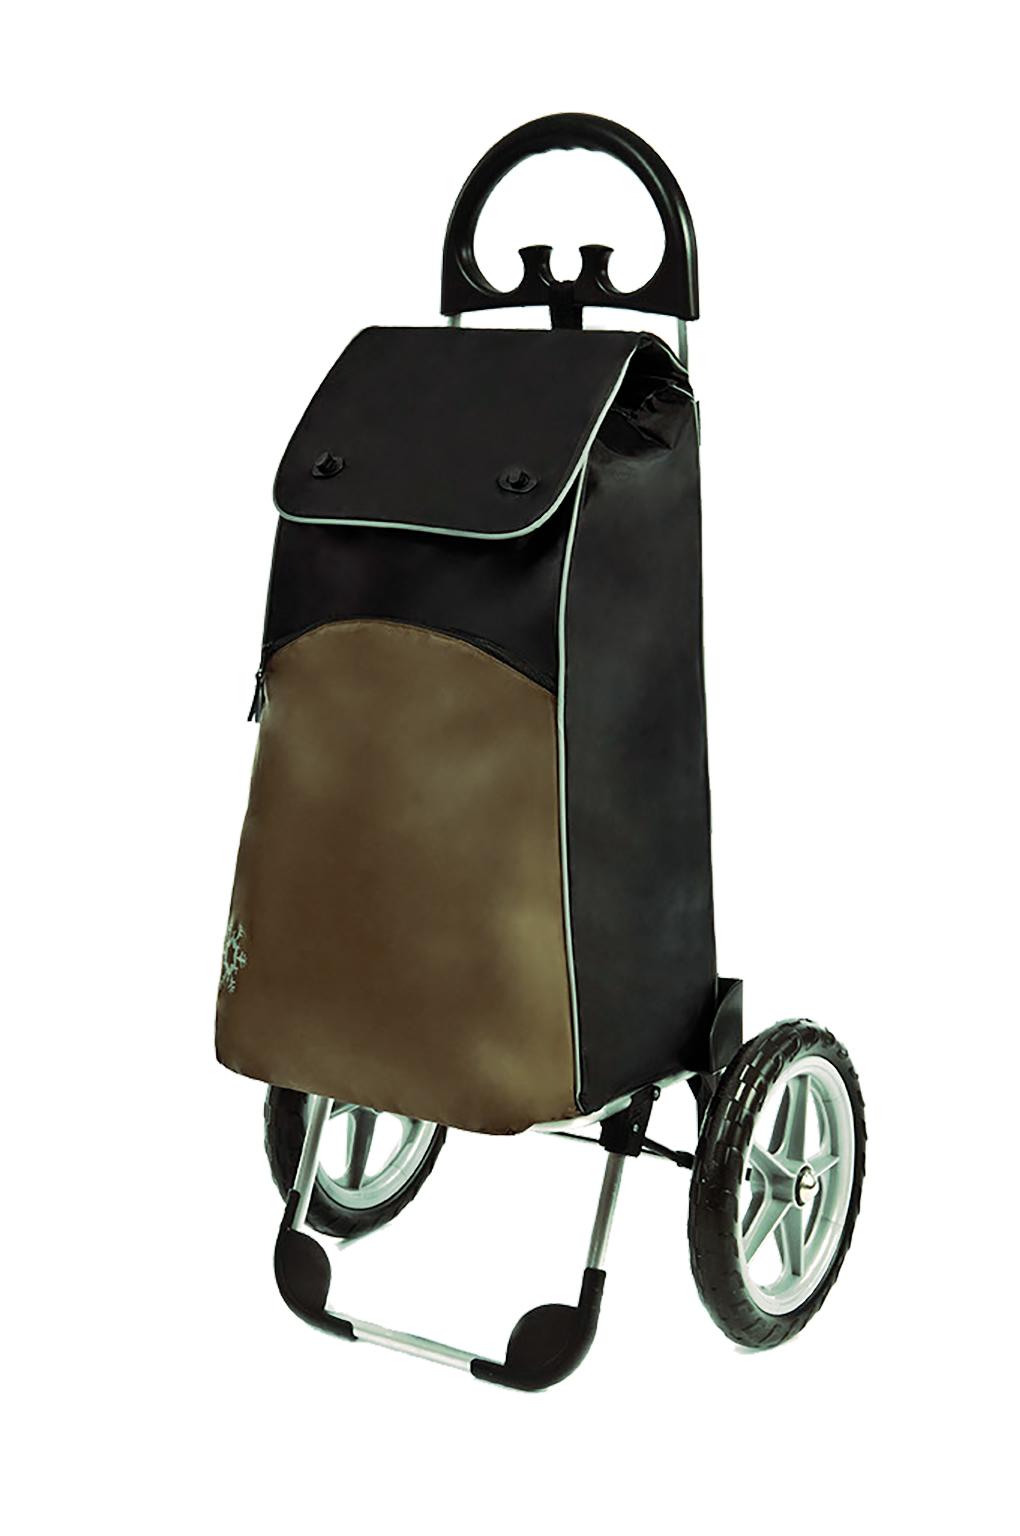 Indkøbsvogn med store hjul og termorum – pris 799.00